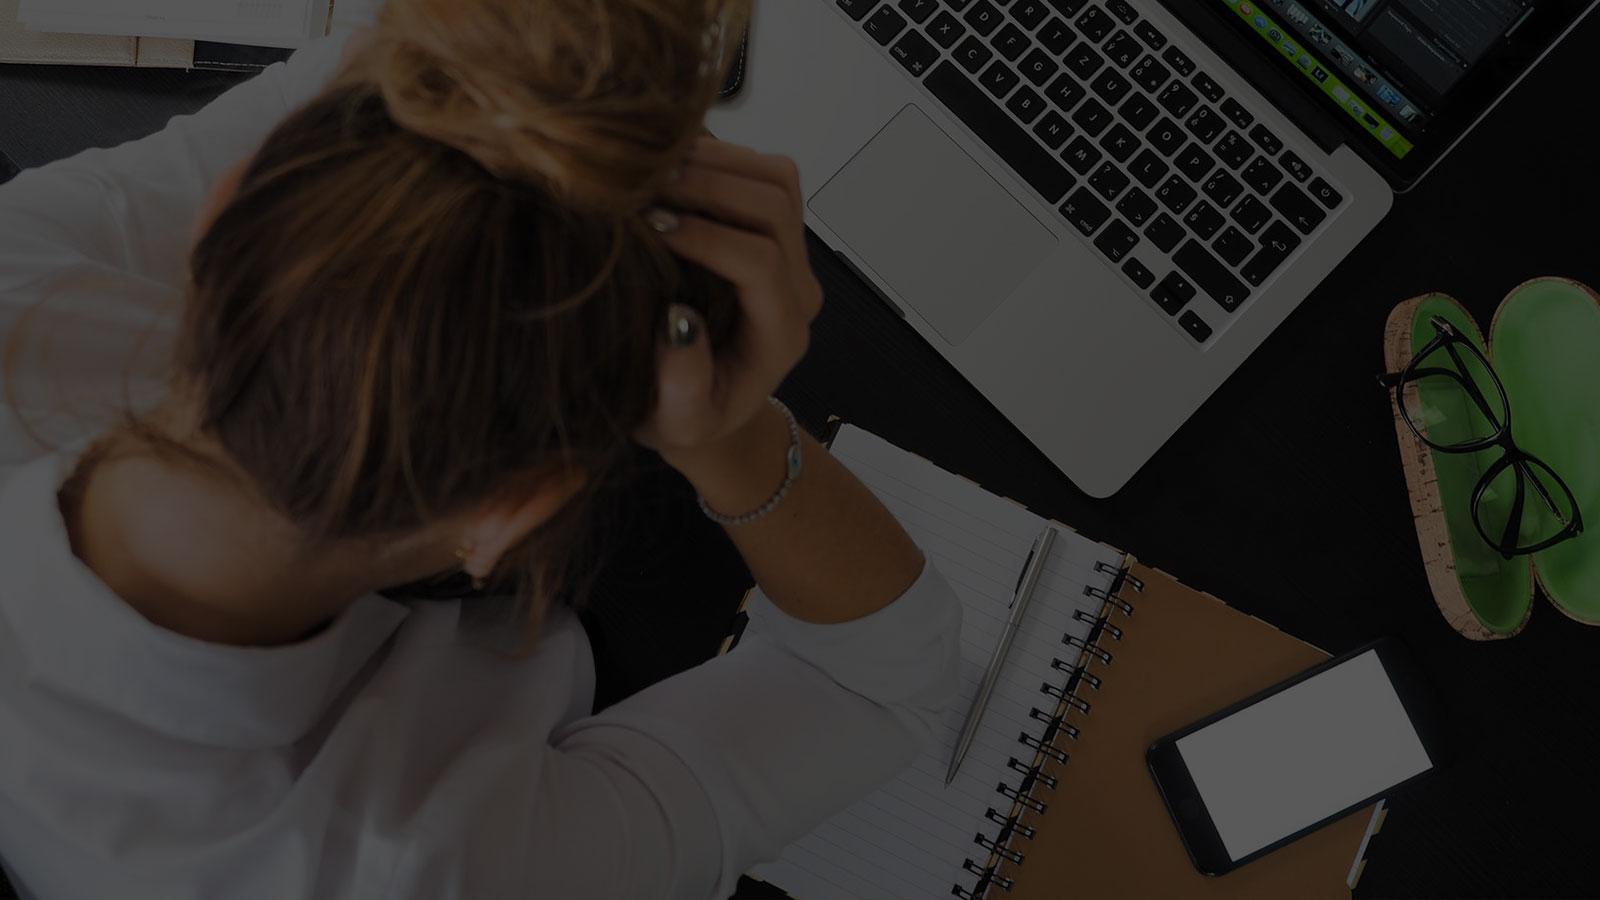 lei que proíbe uso de celular no trabalho